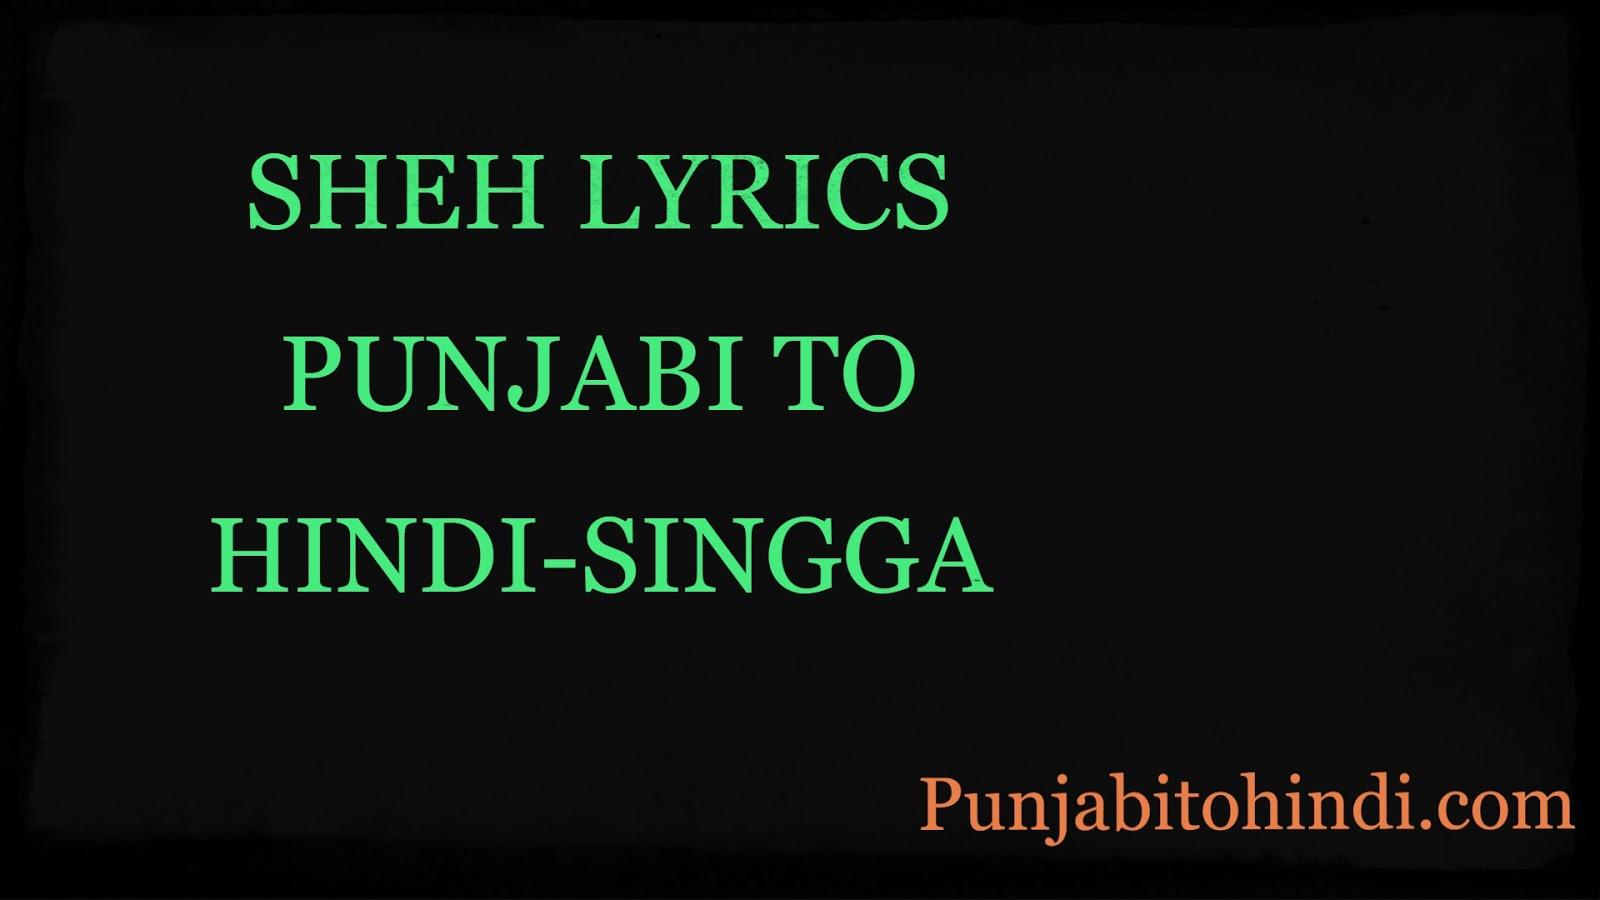 SHEH LYRICS PUNJABI TO HINDI-SINGGA